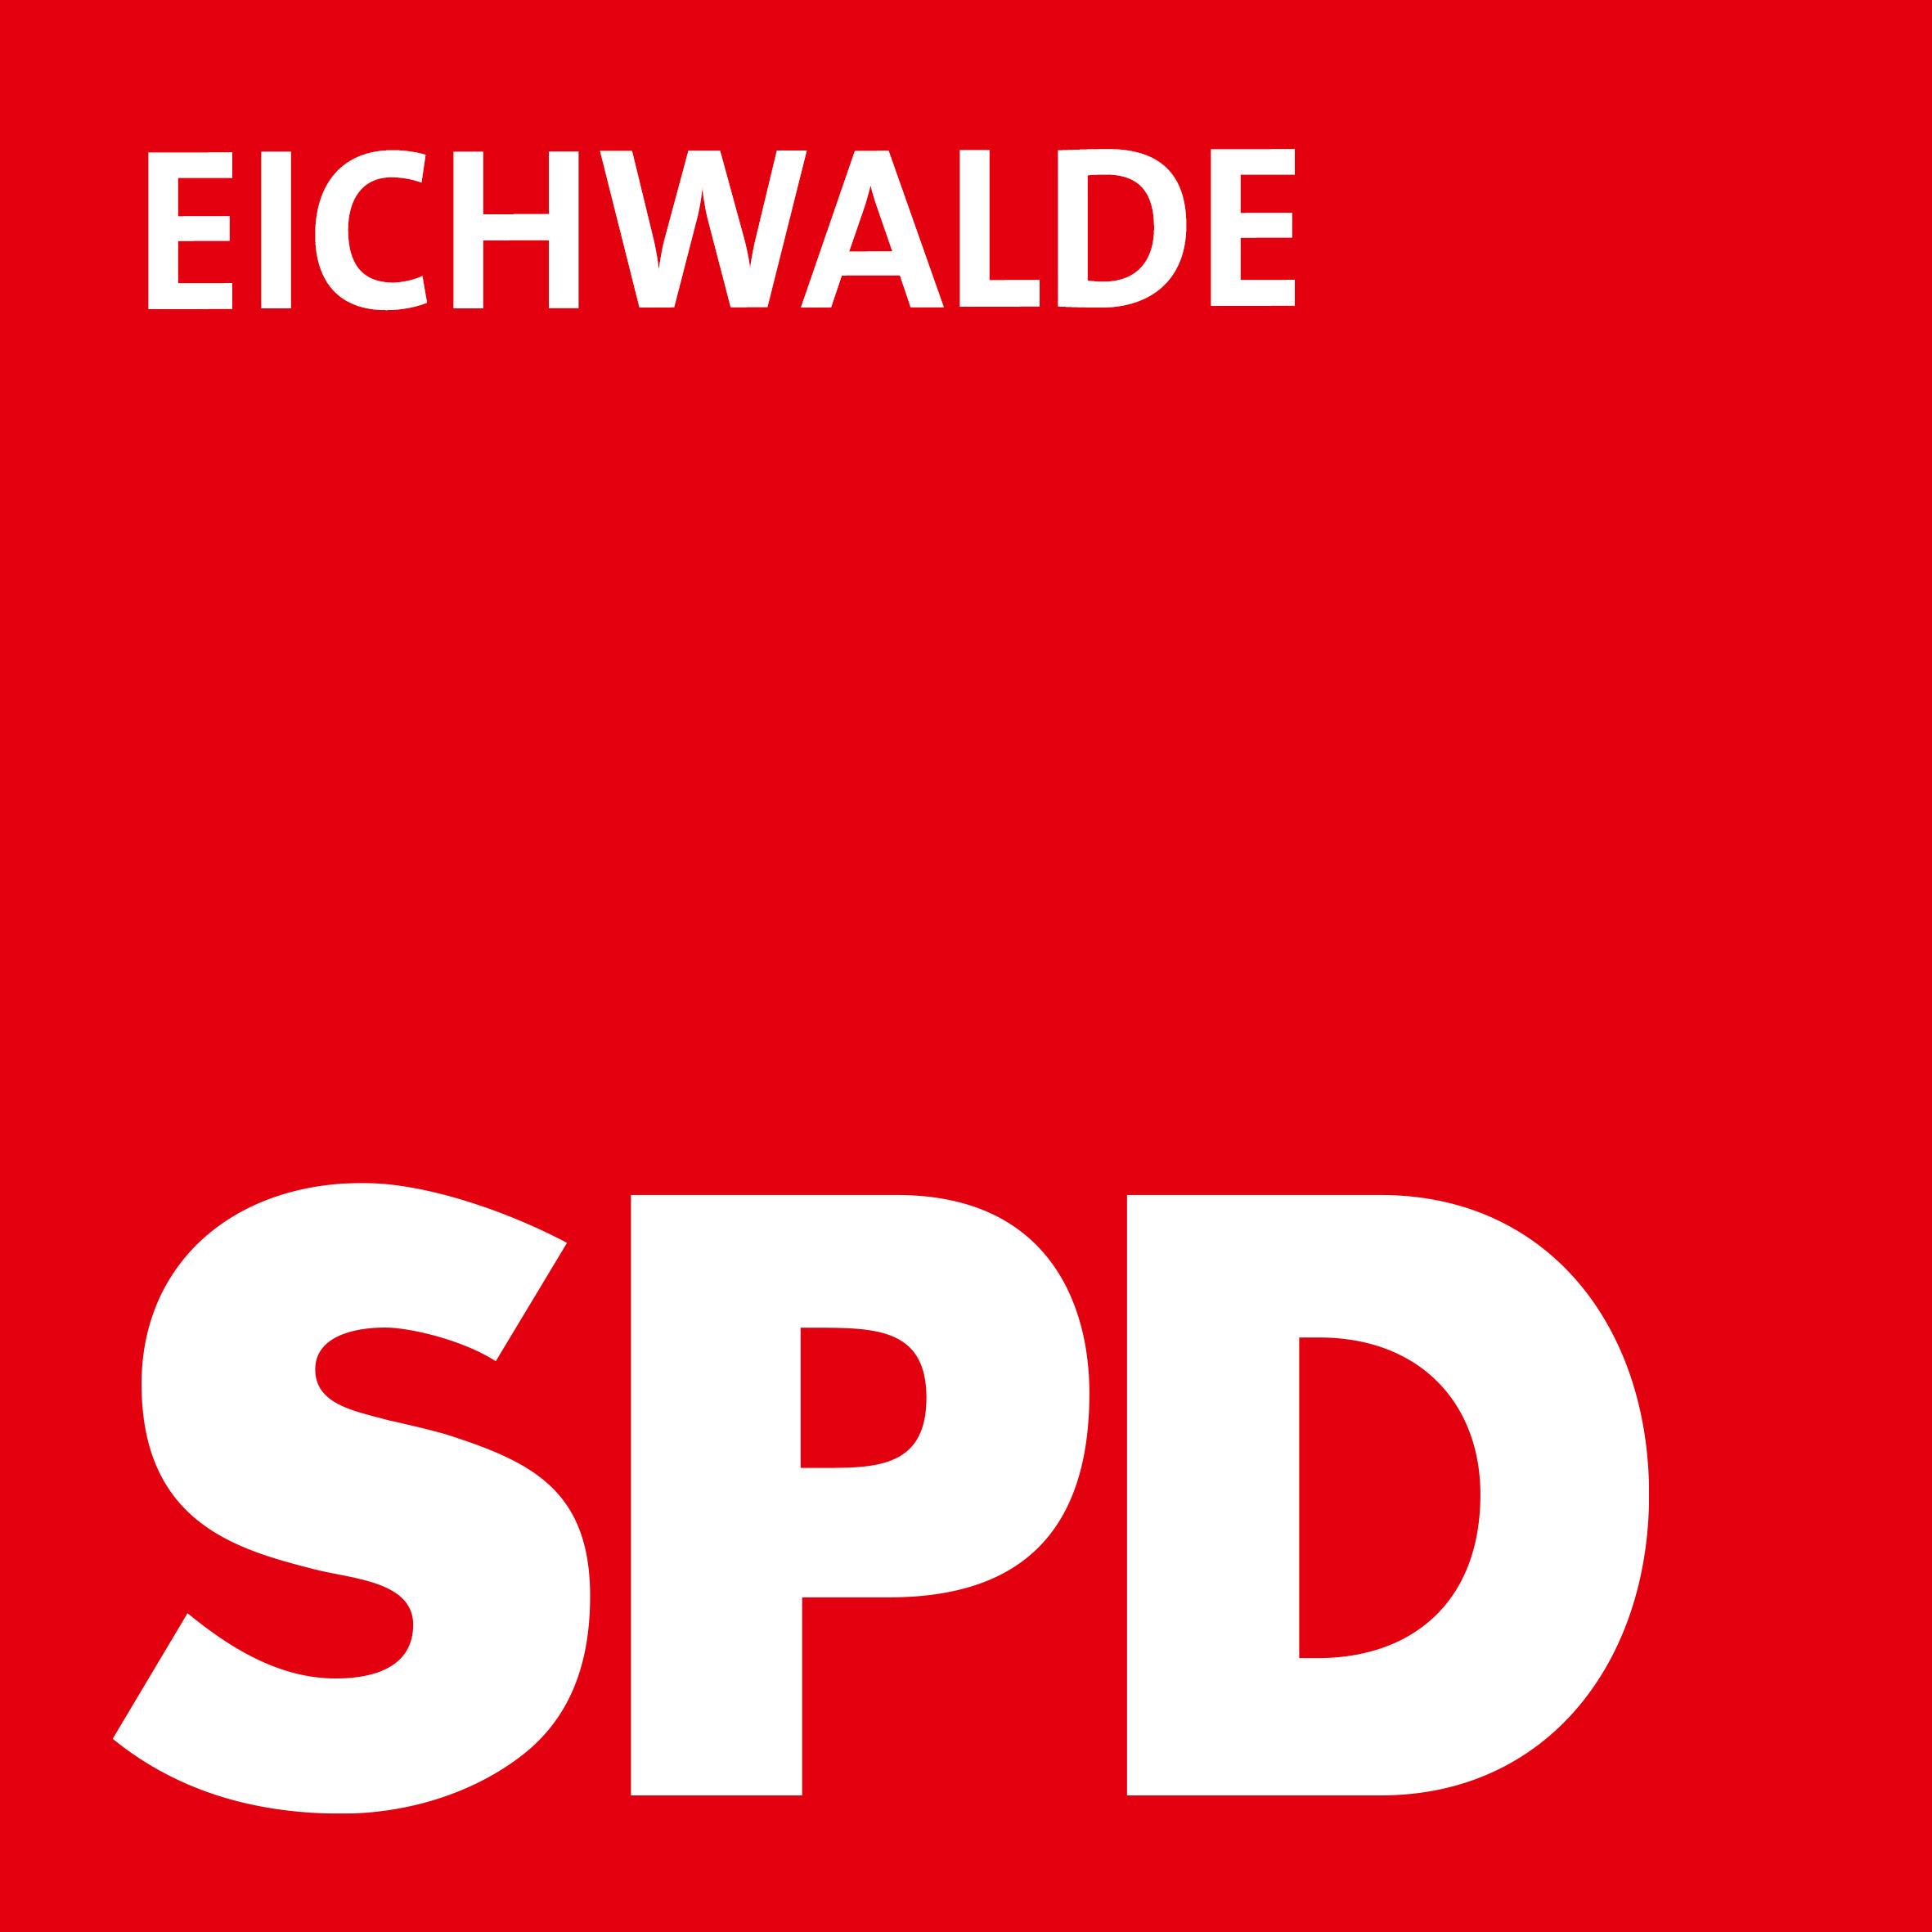 SPD Eichwalde